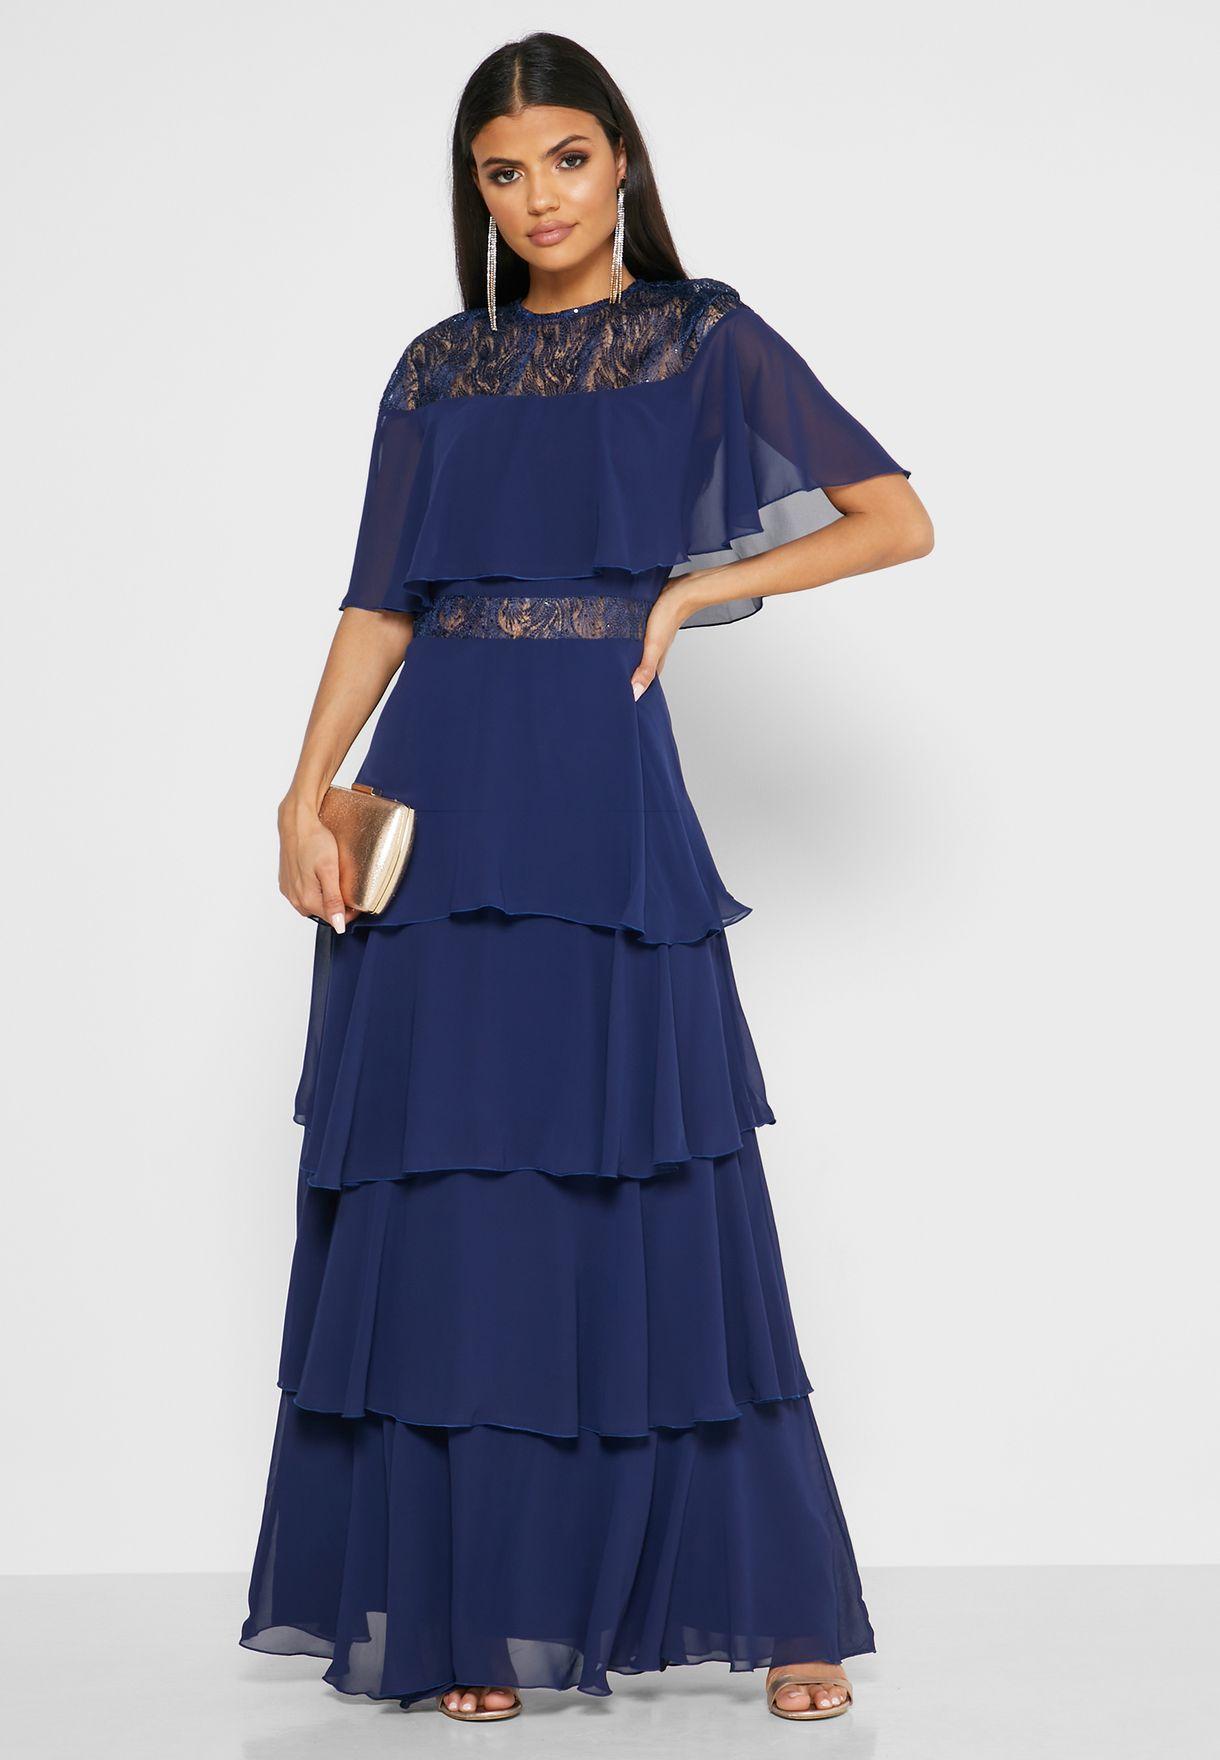 Lace Mesh Insert Dress